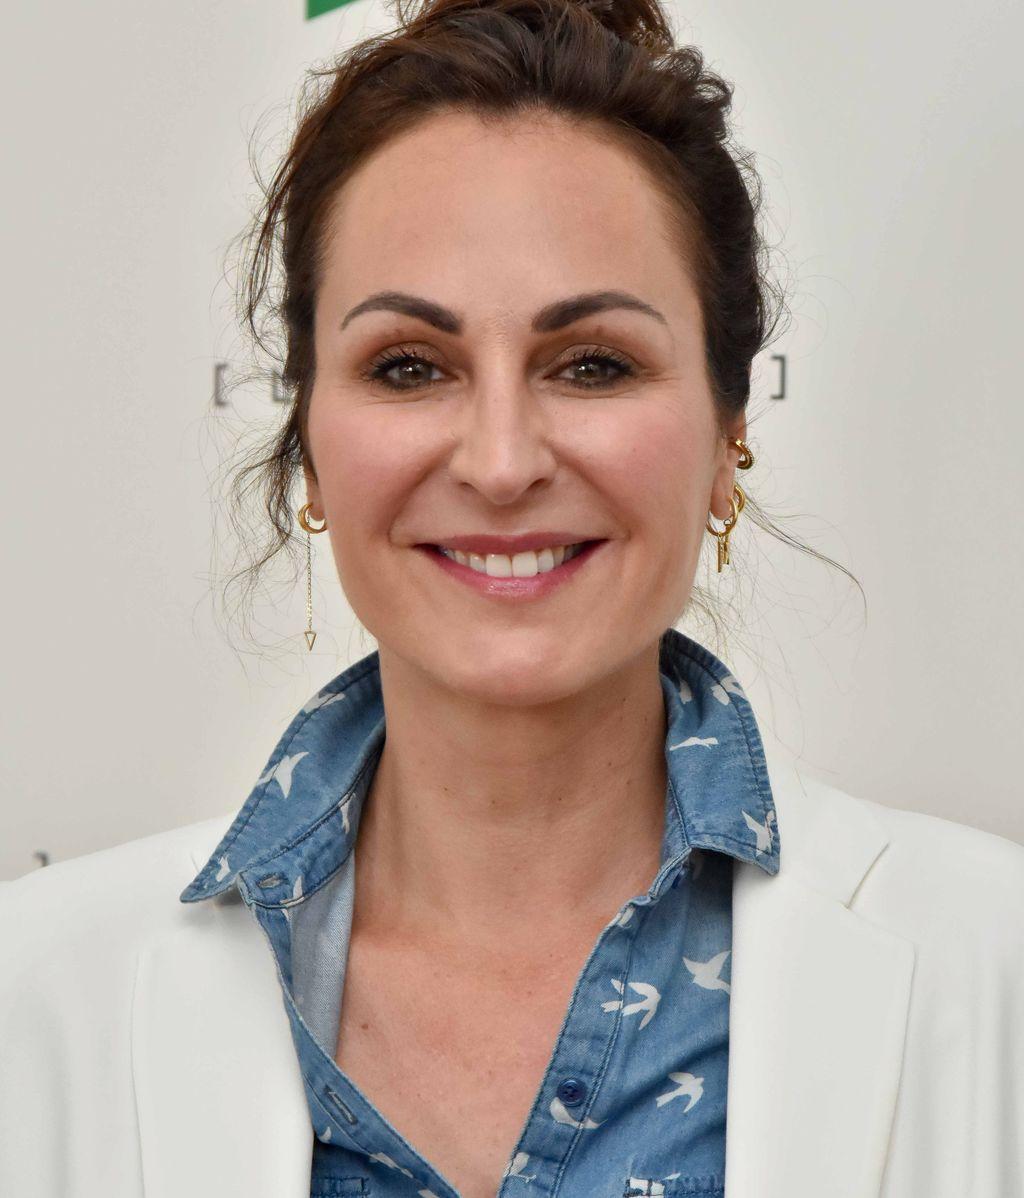 Ana Milán, en un evento en mayo de 2019